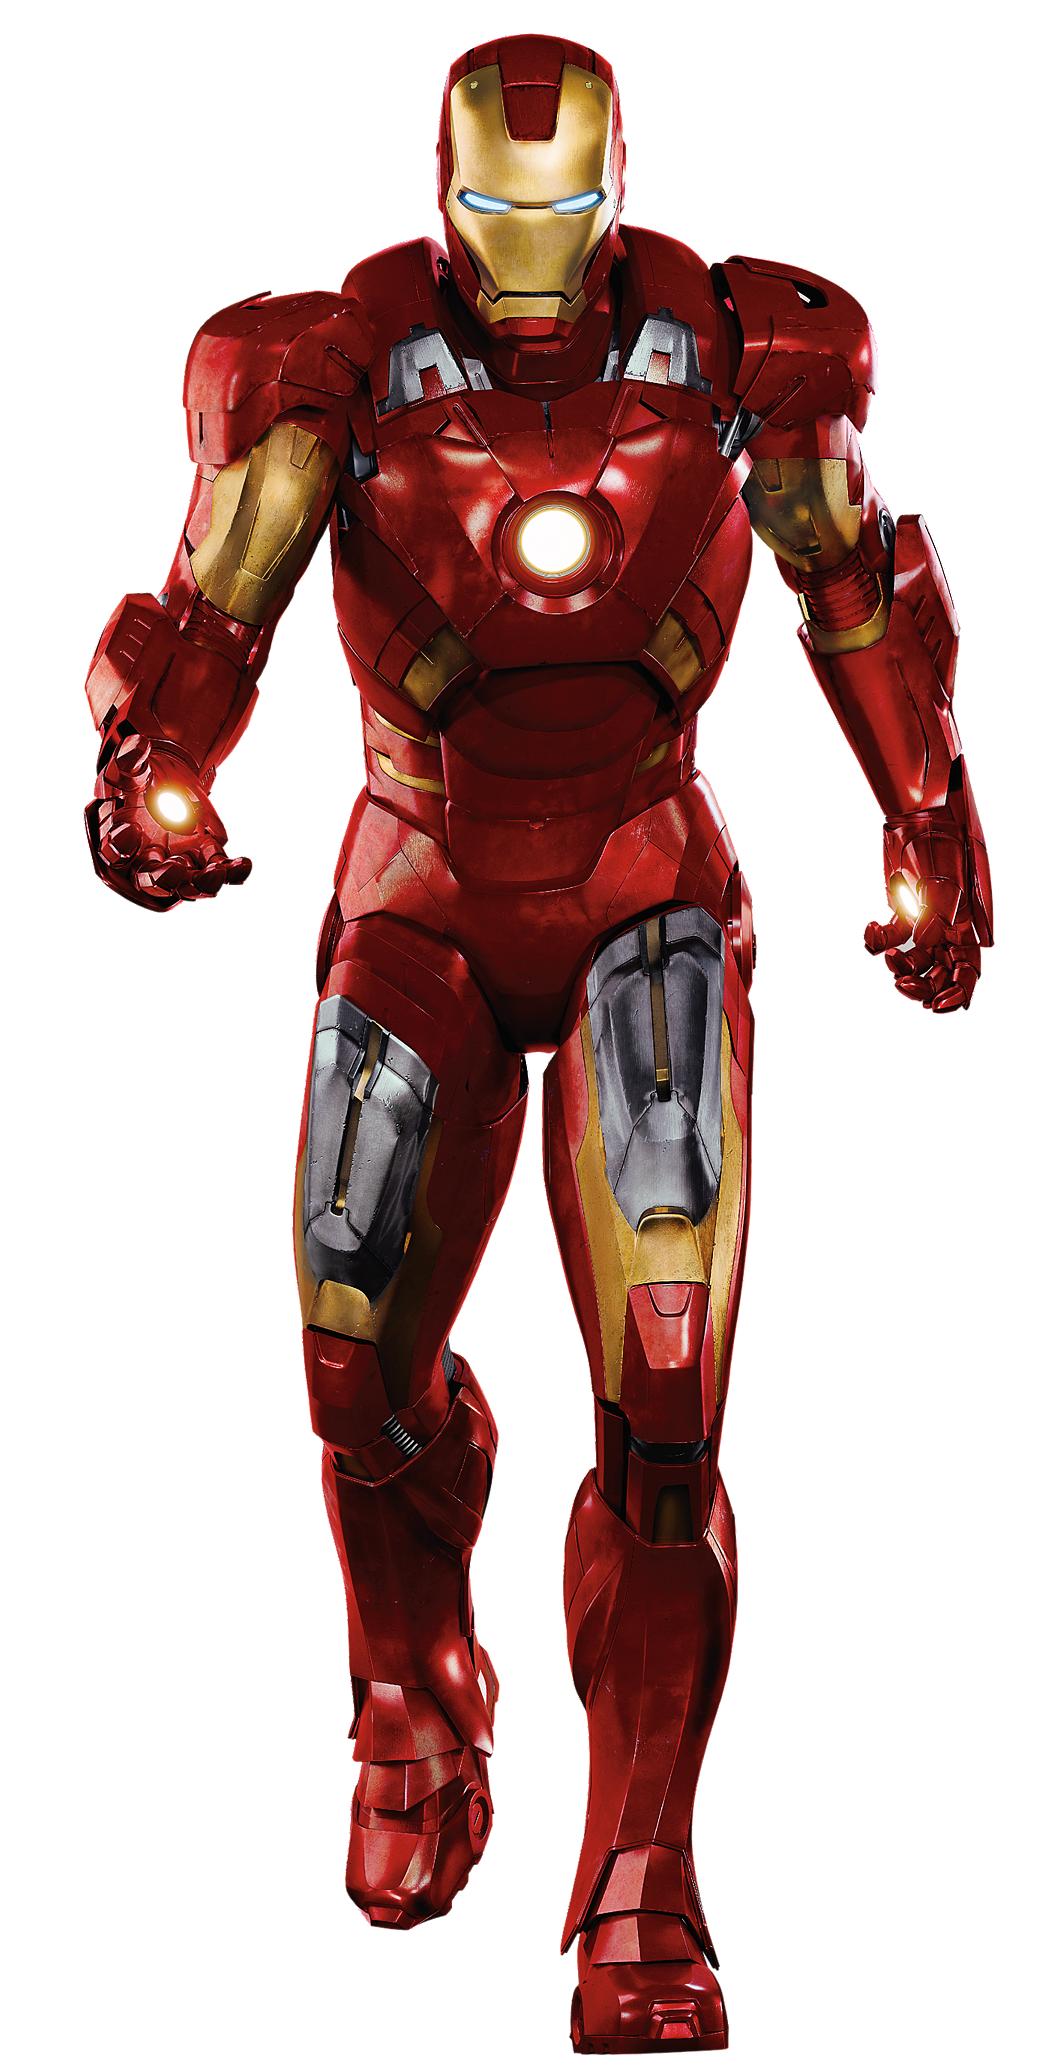 File:IronMan-Avengers.png - disneywiki | Robot's ...